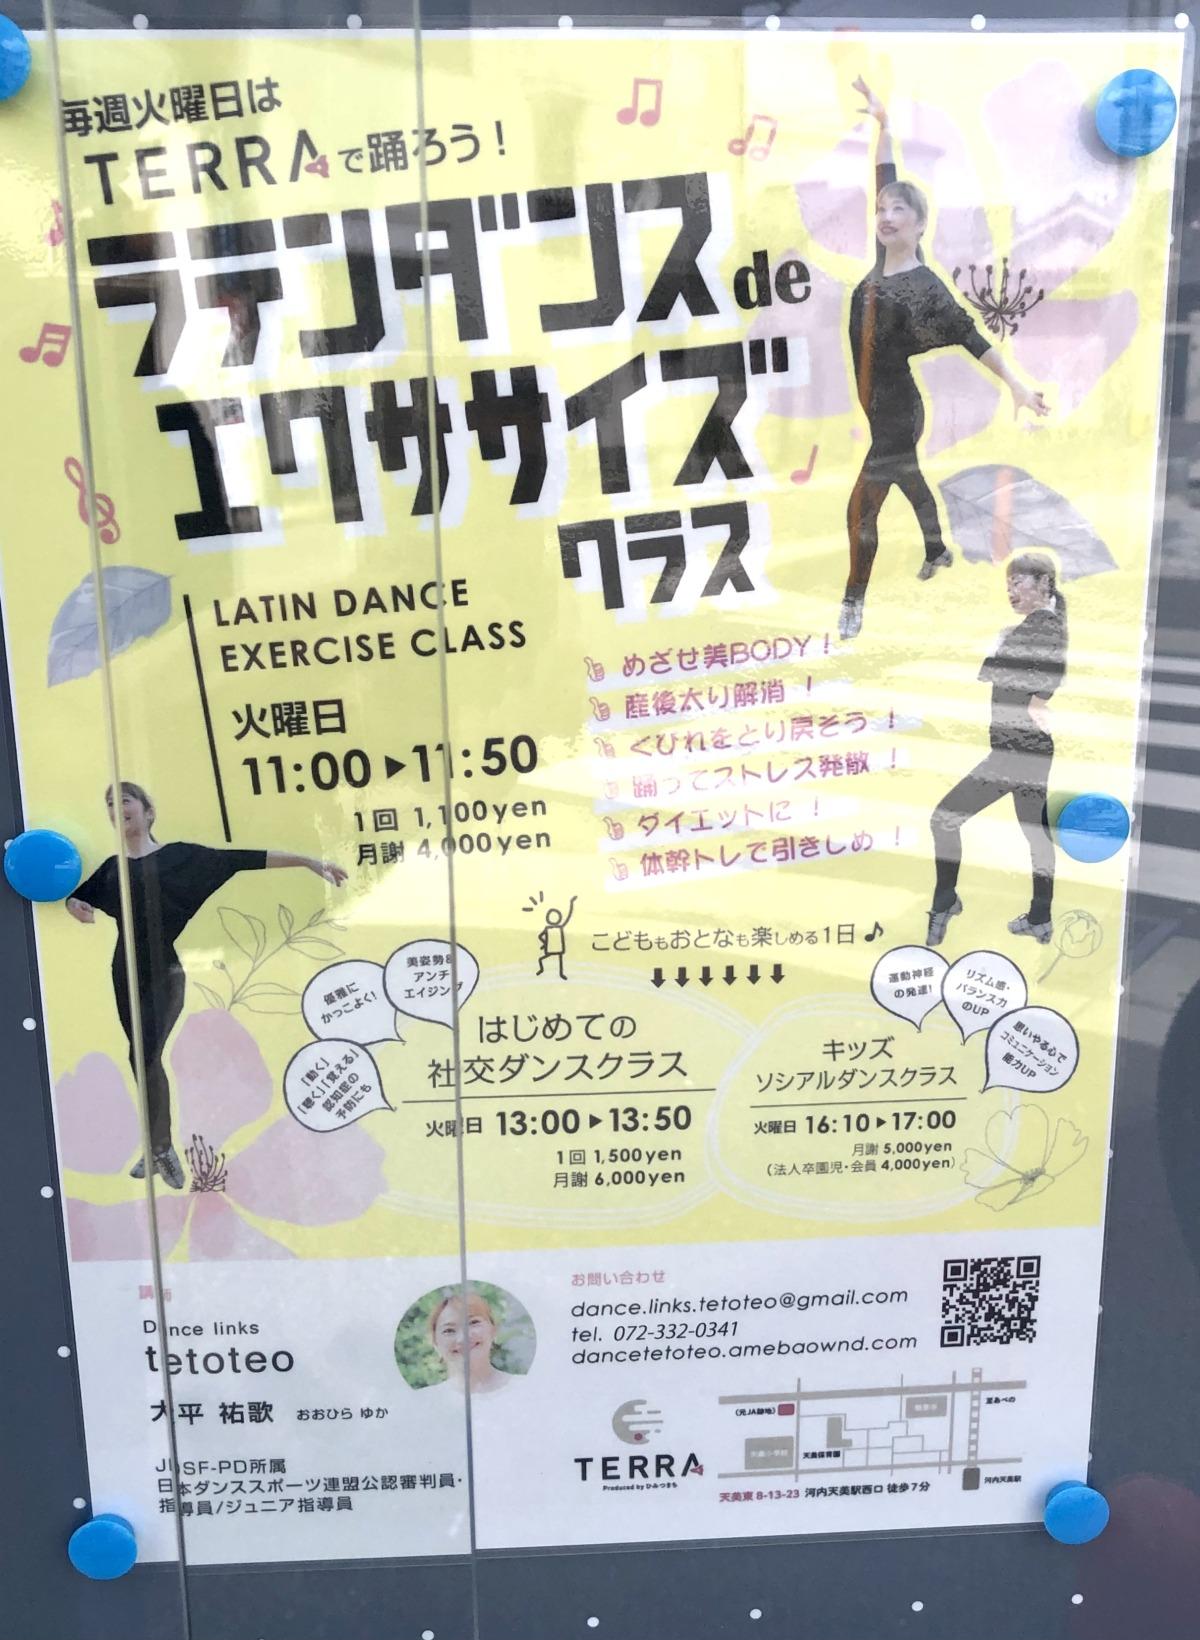 【新店情報♫】まもなく開校☆松原市『複合型福祉施設 TERRA(テラ)』にダンス教室が開校するみたい!!: